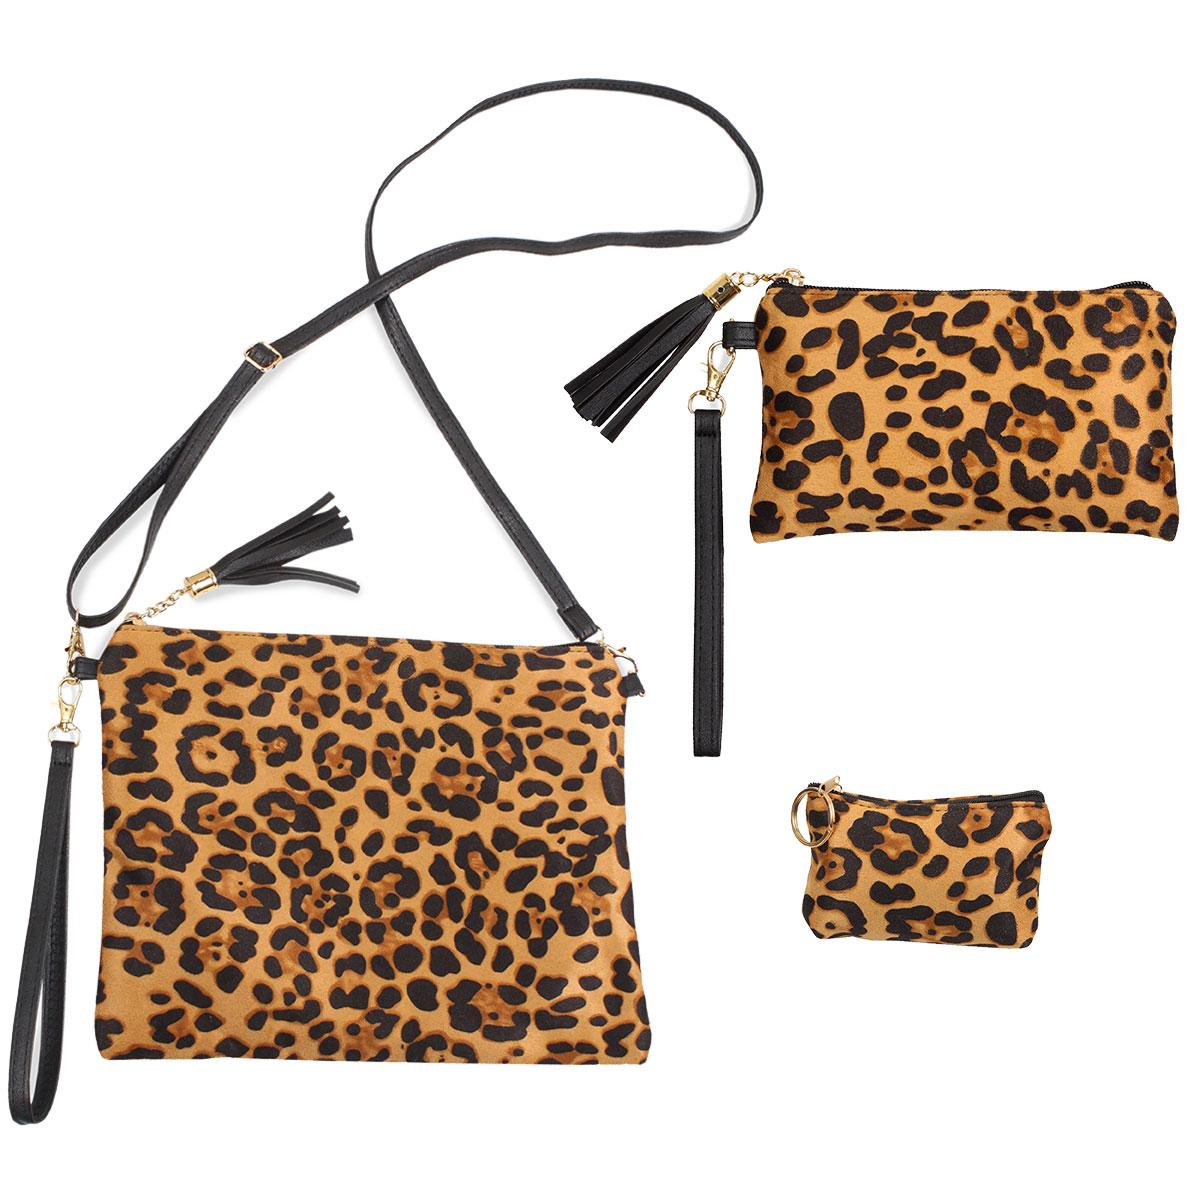 Suede/Vinyl Crossbody Bags, Wristlets+Coin Purses - 9379 Leopard Print Beige (Faux Suede)